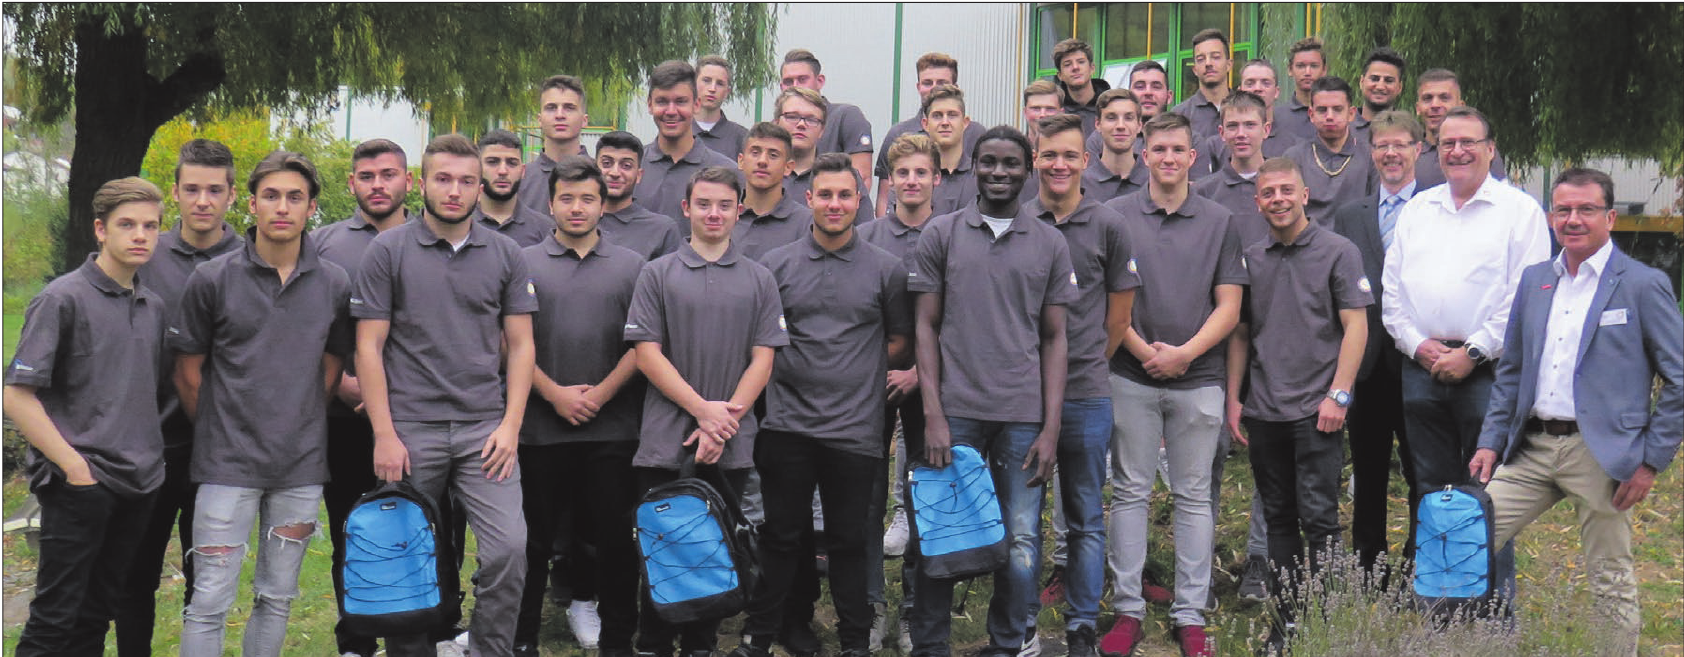 Die Innung hat gemeinsam mit der Gewerblichen Schule in Geislingen die neuen Berufsfachschüler begrüßt. Foto: Innung